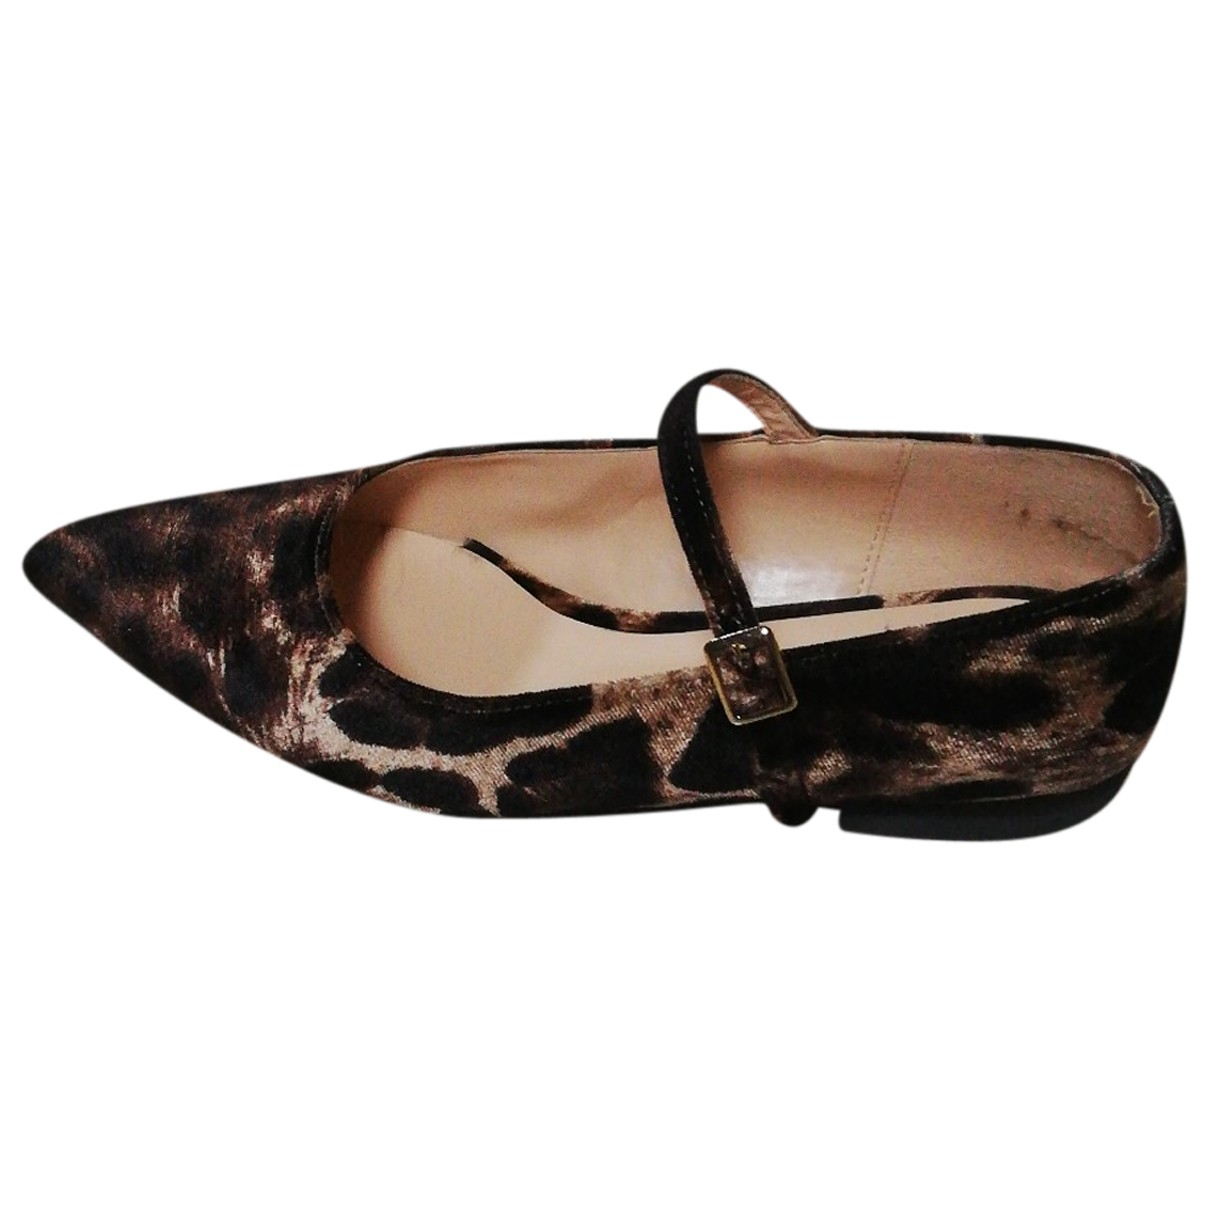 Vicolo - Ballerines   pour femme en veau facon poulain - noir